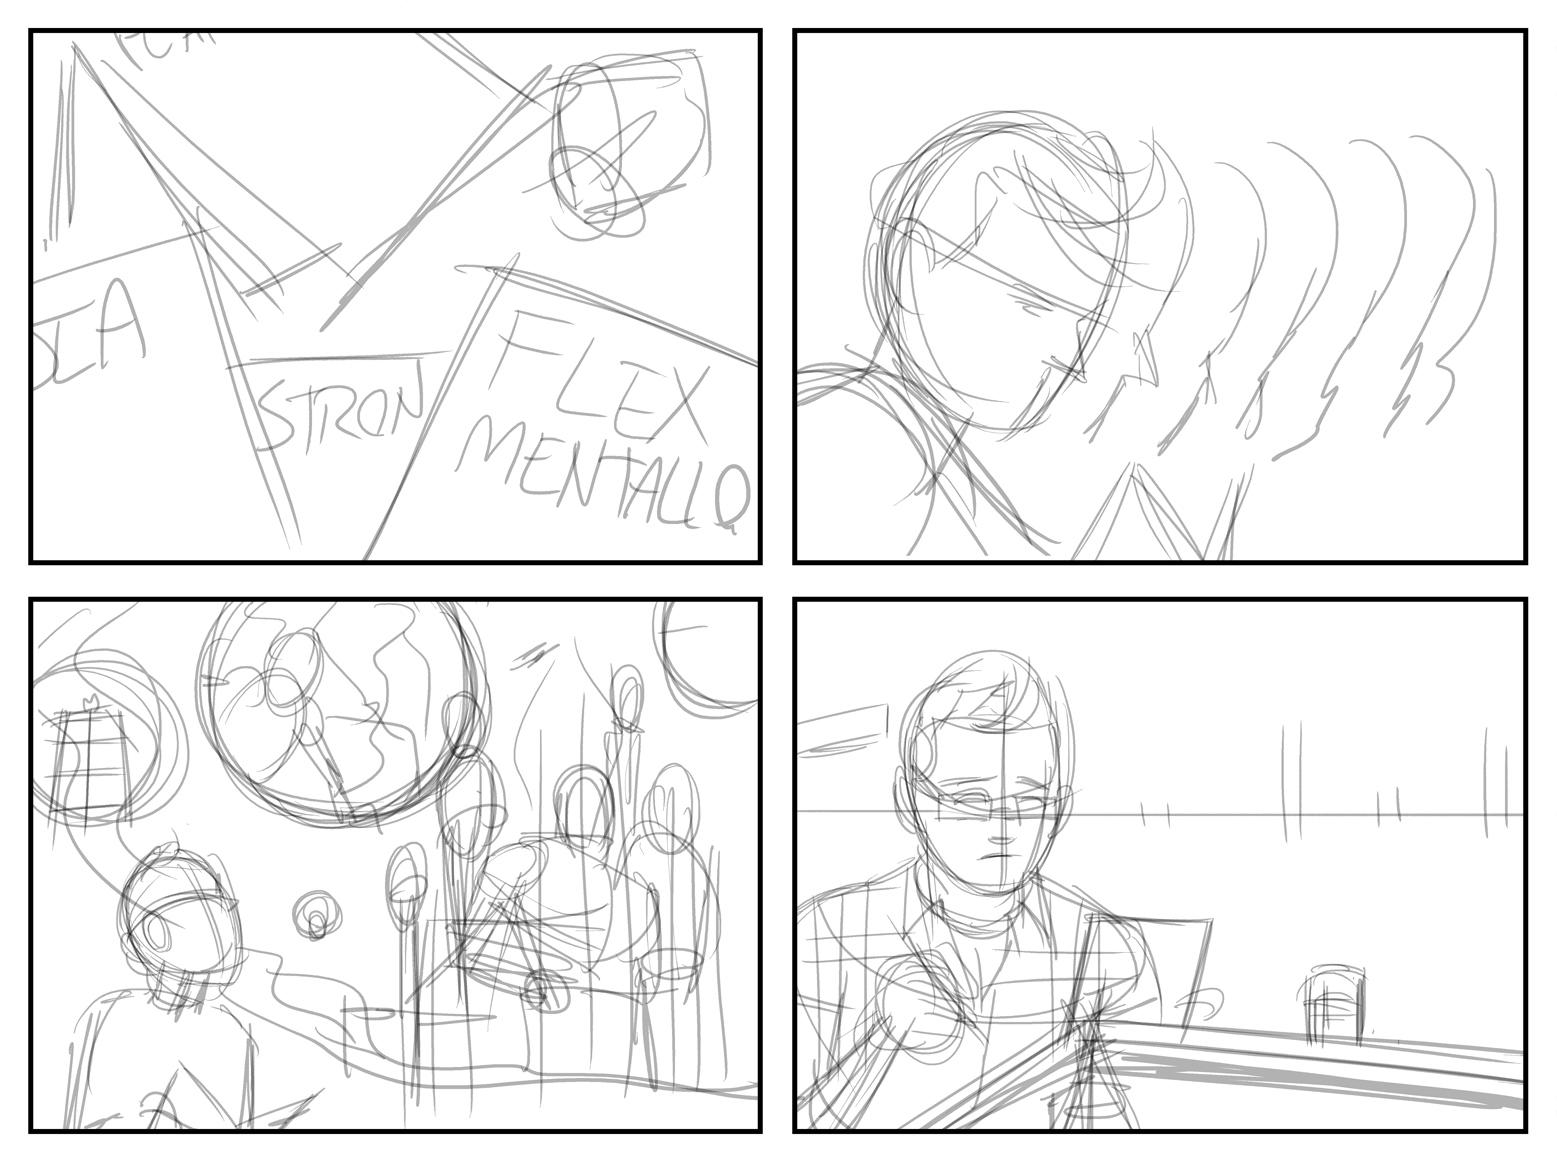 Page 9 pencils